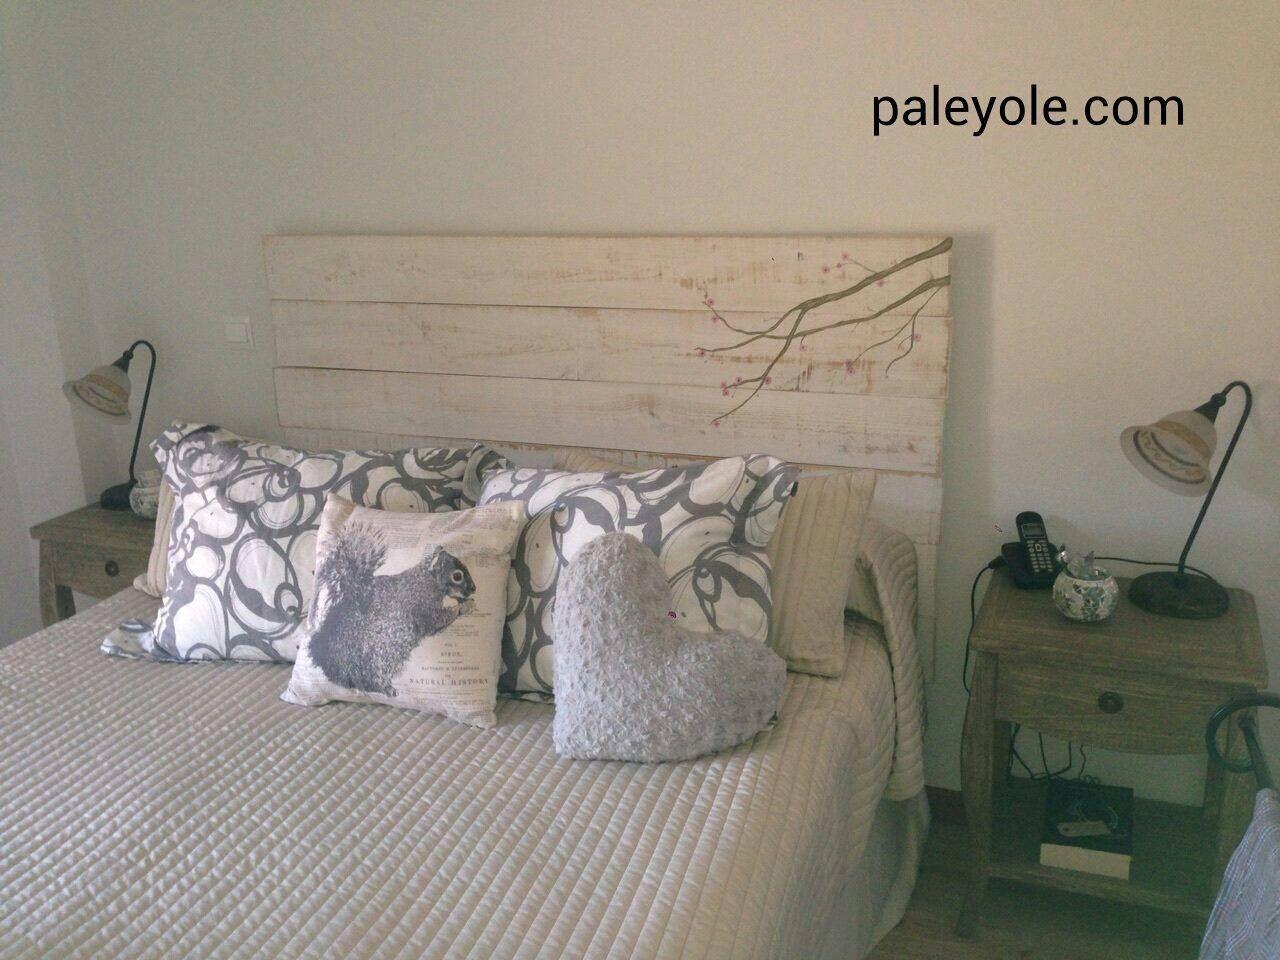 Cabeceros de cama hechos con madera de palet / palé | manualidades ...